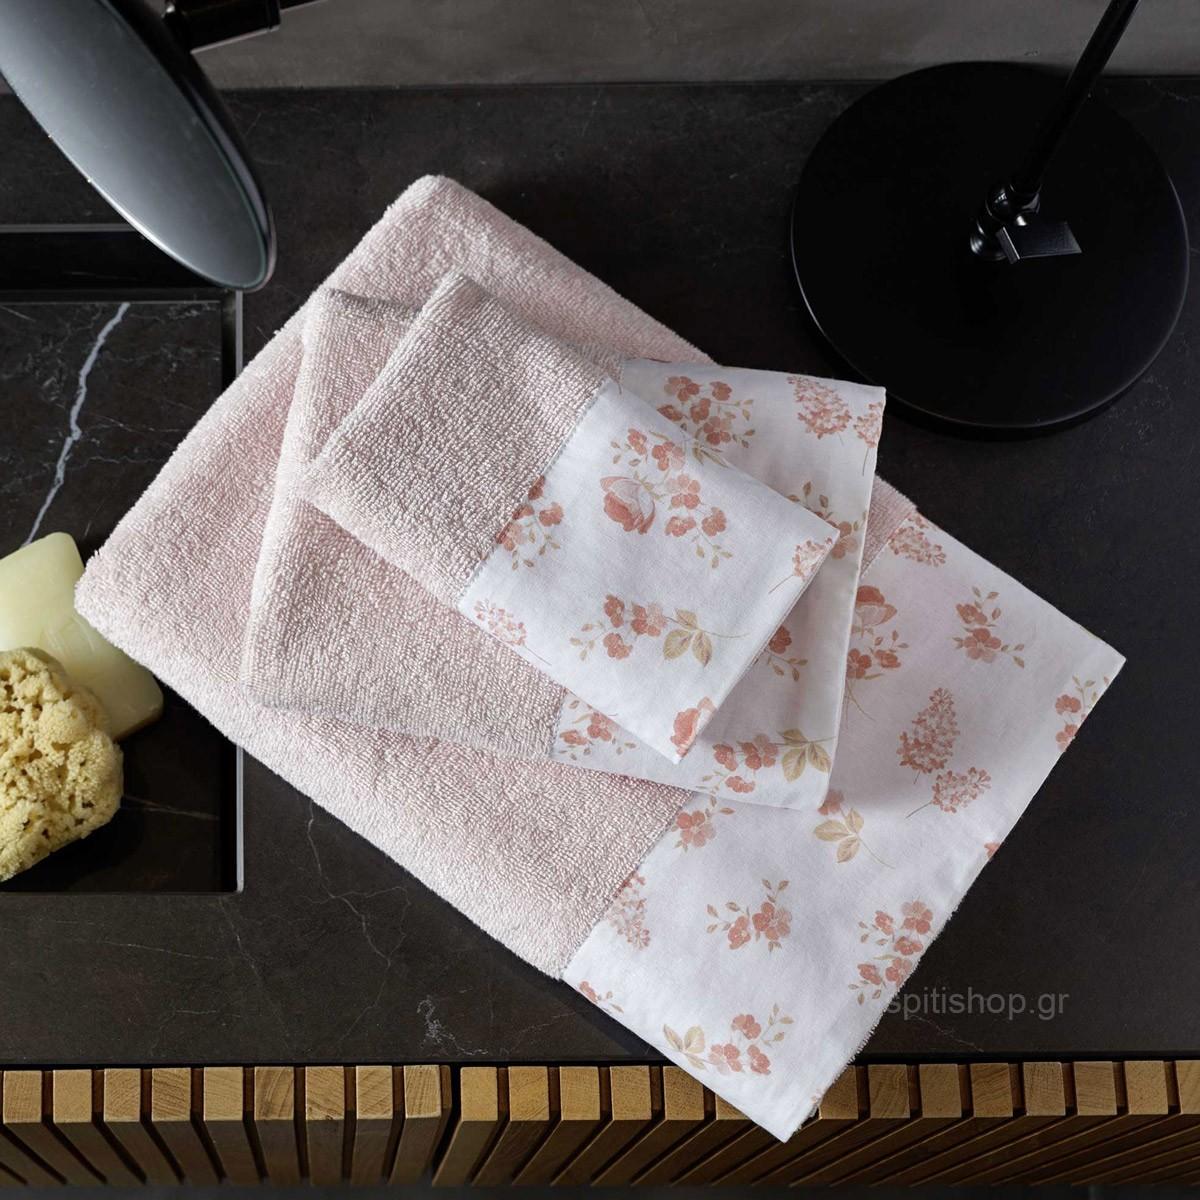 Πετσέτες Μπάνιου (Σετ 3τμχ) Nima Towels Alyssa 89087